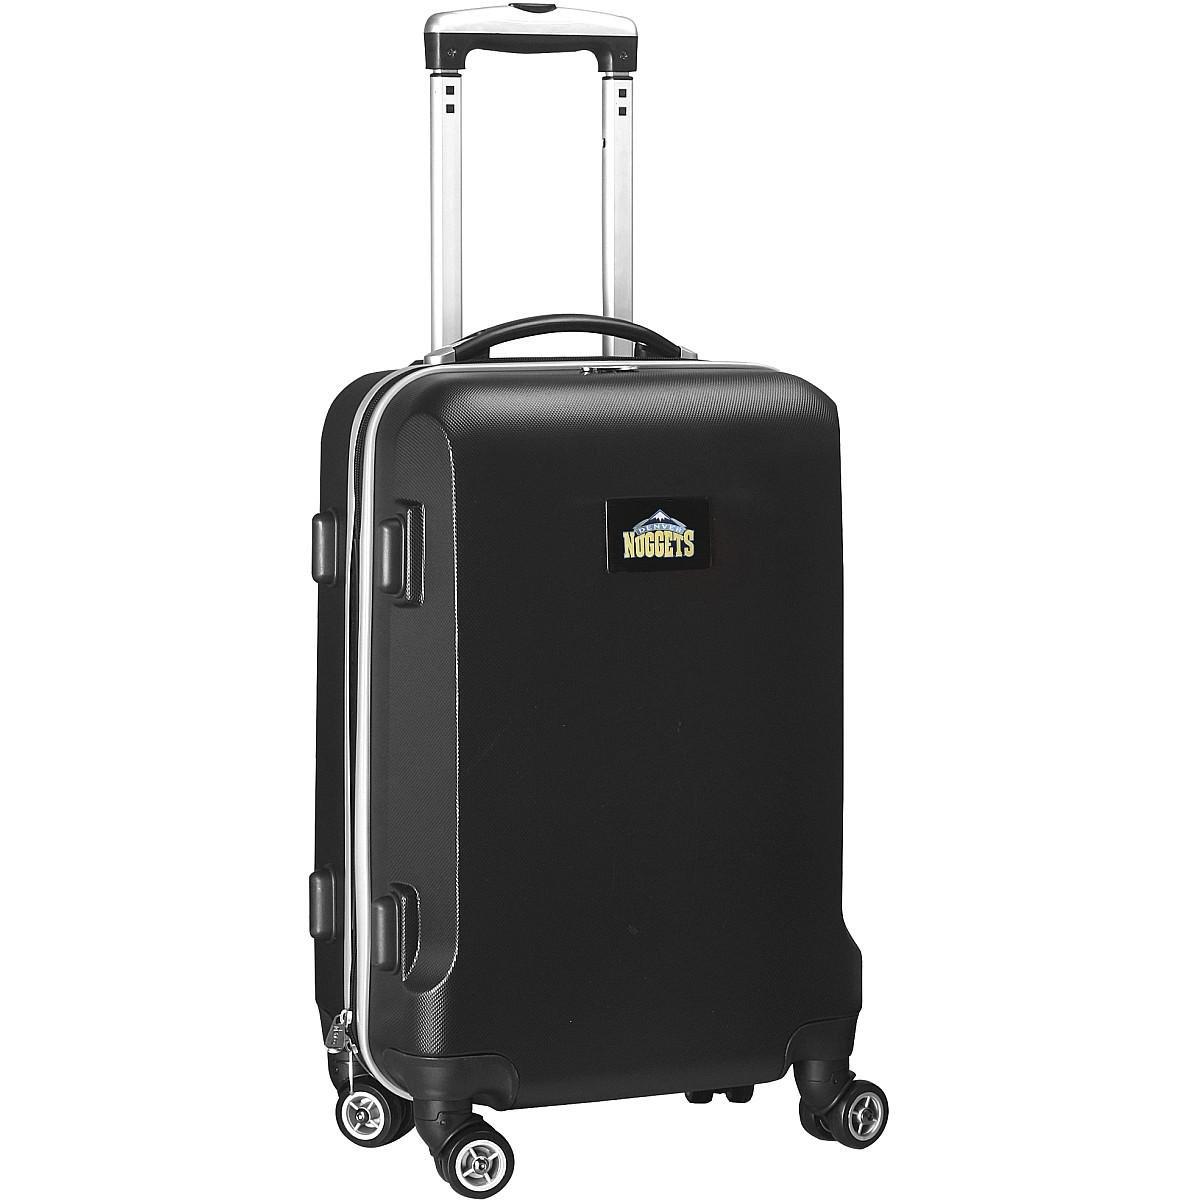 NBA Denver Nuggets Carry-On Hardcase Luggage Spinner, Black